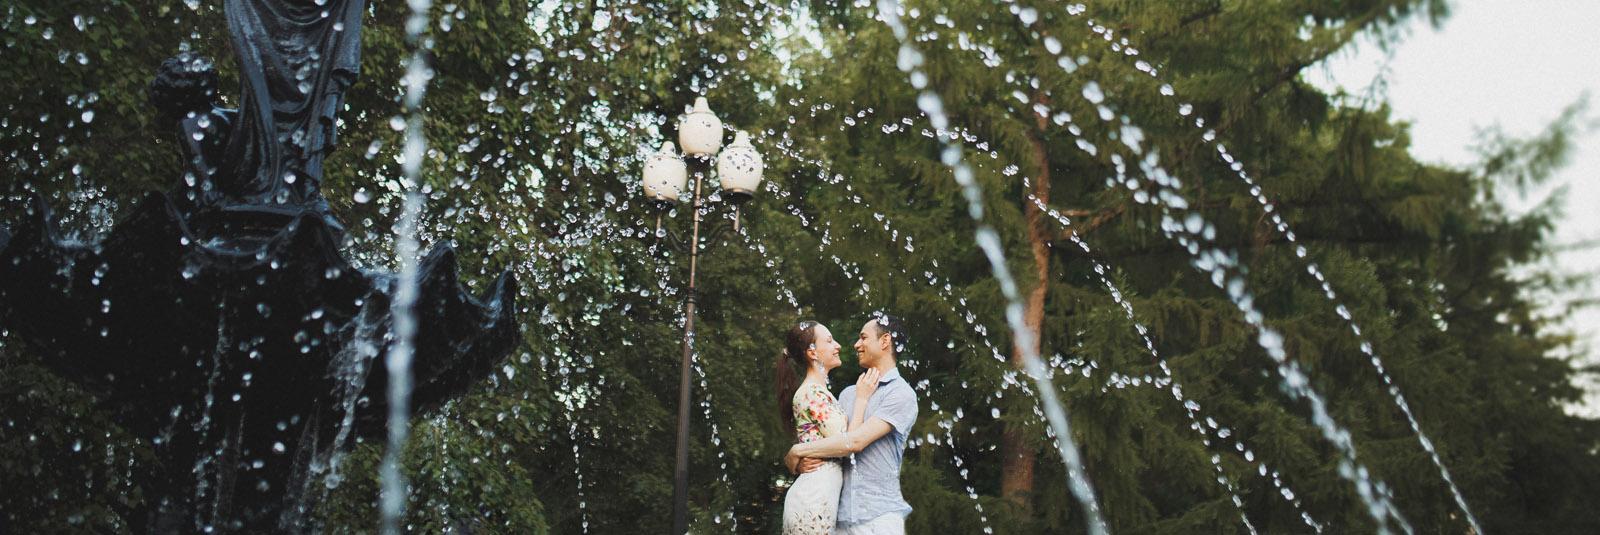 Фотосессия Love Story в Москве, свадебный фотограф